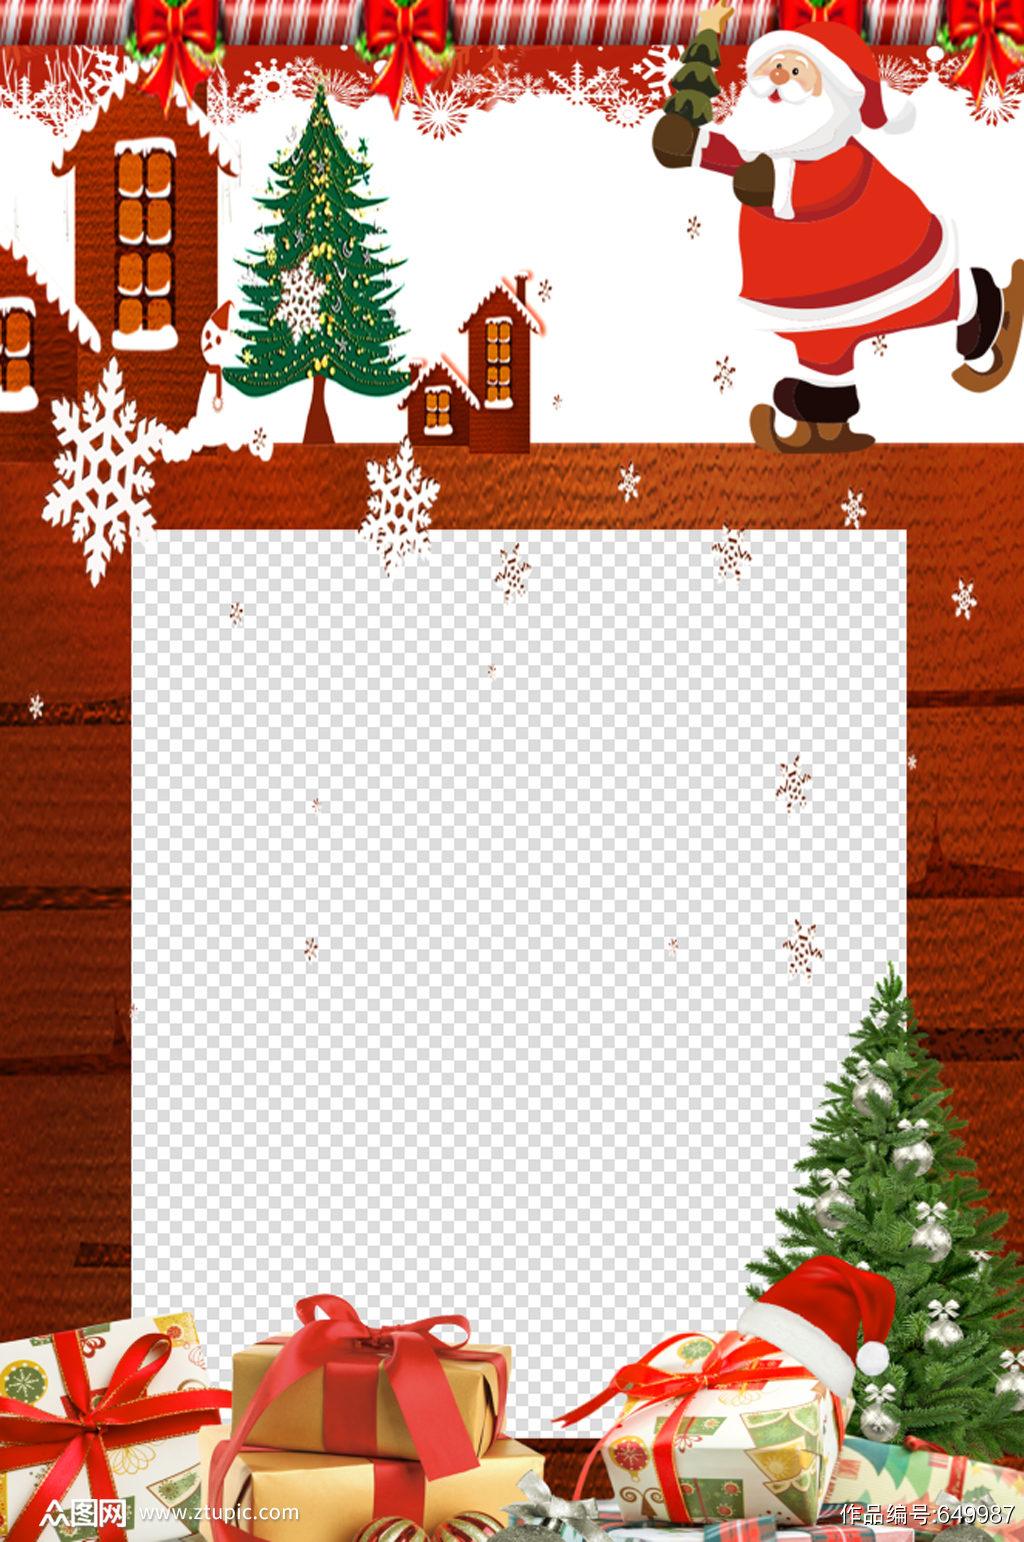 圣诞老人送礼物照像框圣诞节美陈拍照框素材